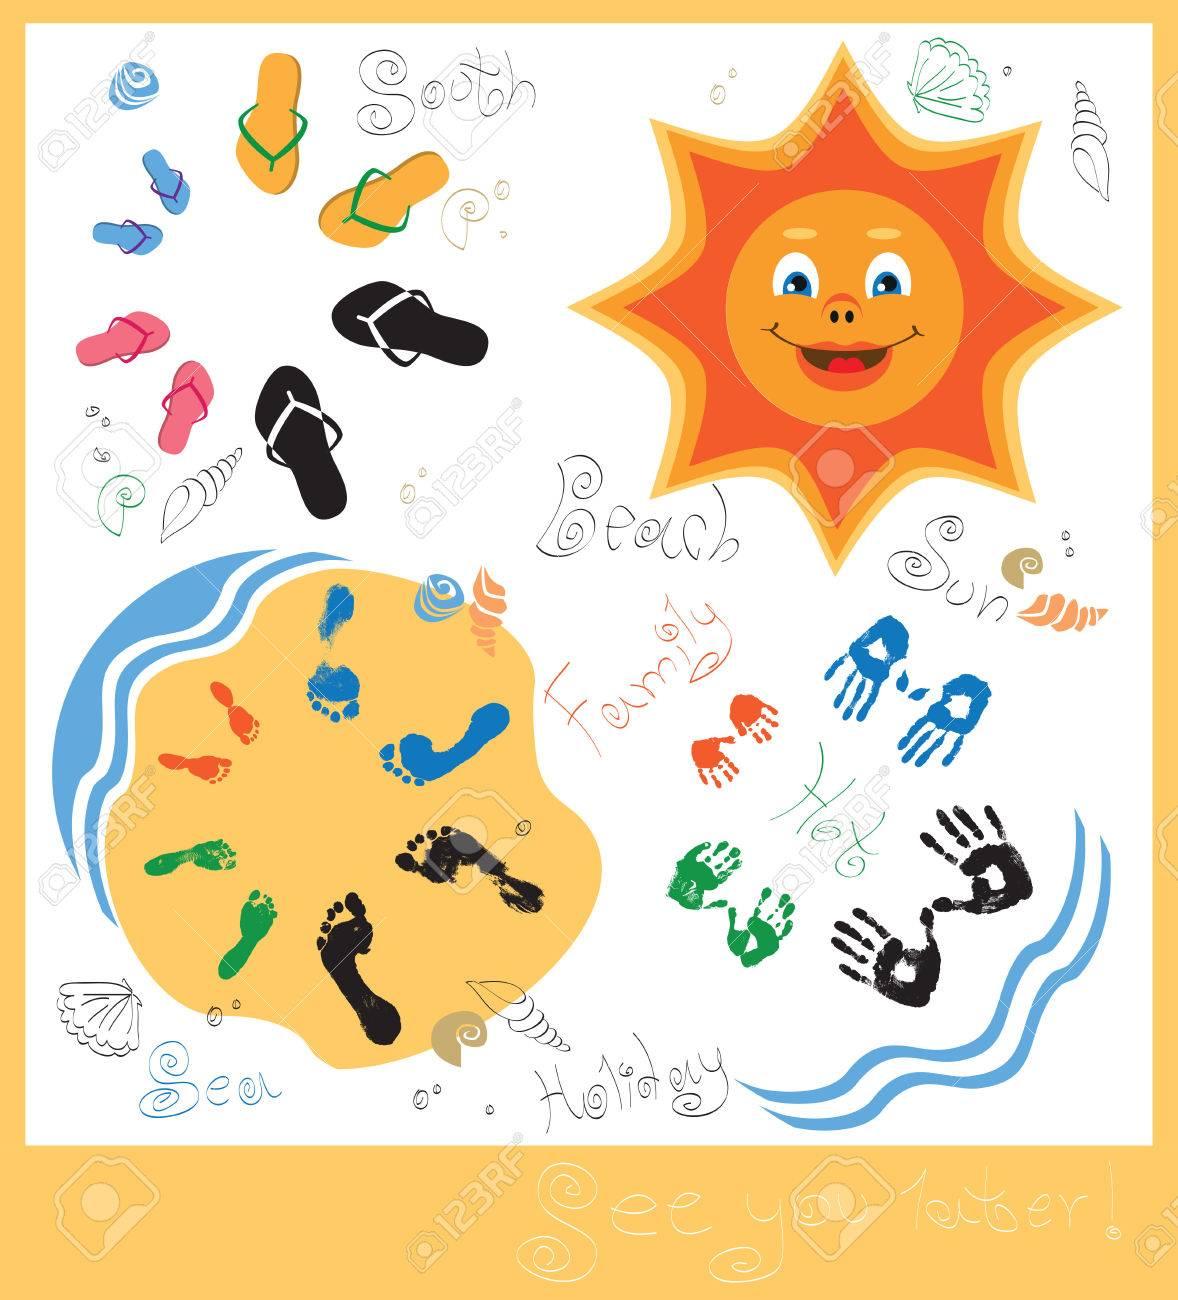 Karte Mit Fingerabdrucken Von Den Handen Und Fussen Und Strand